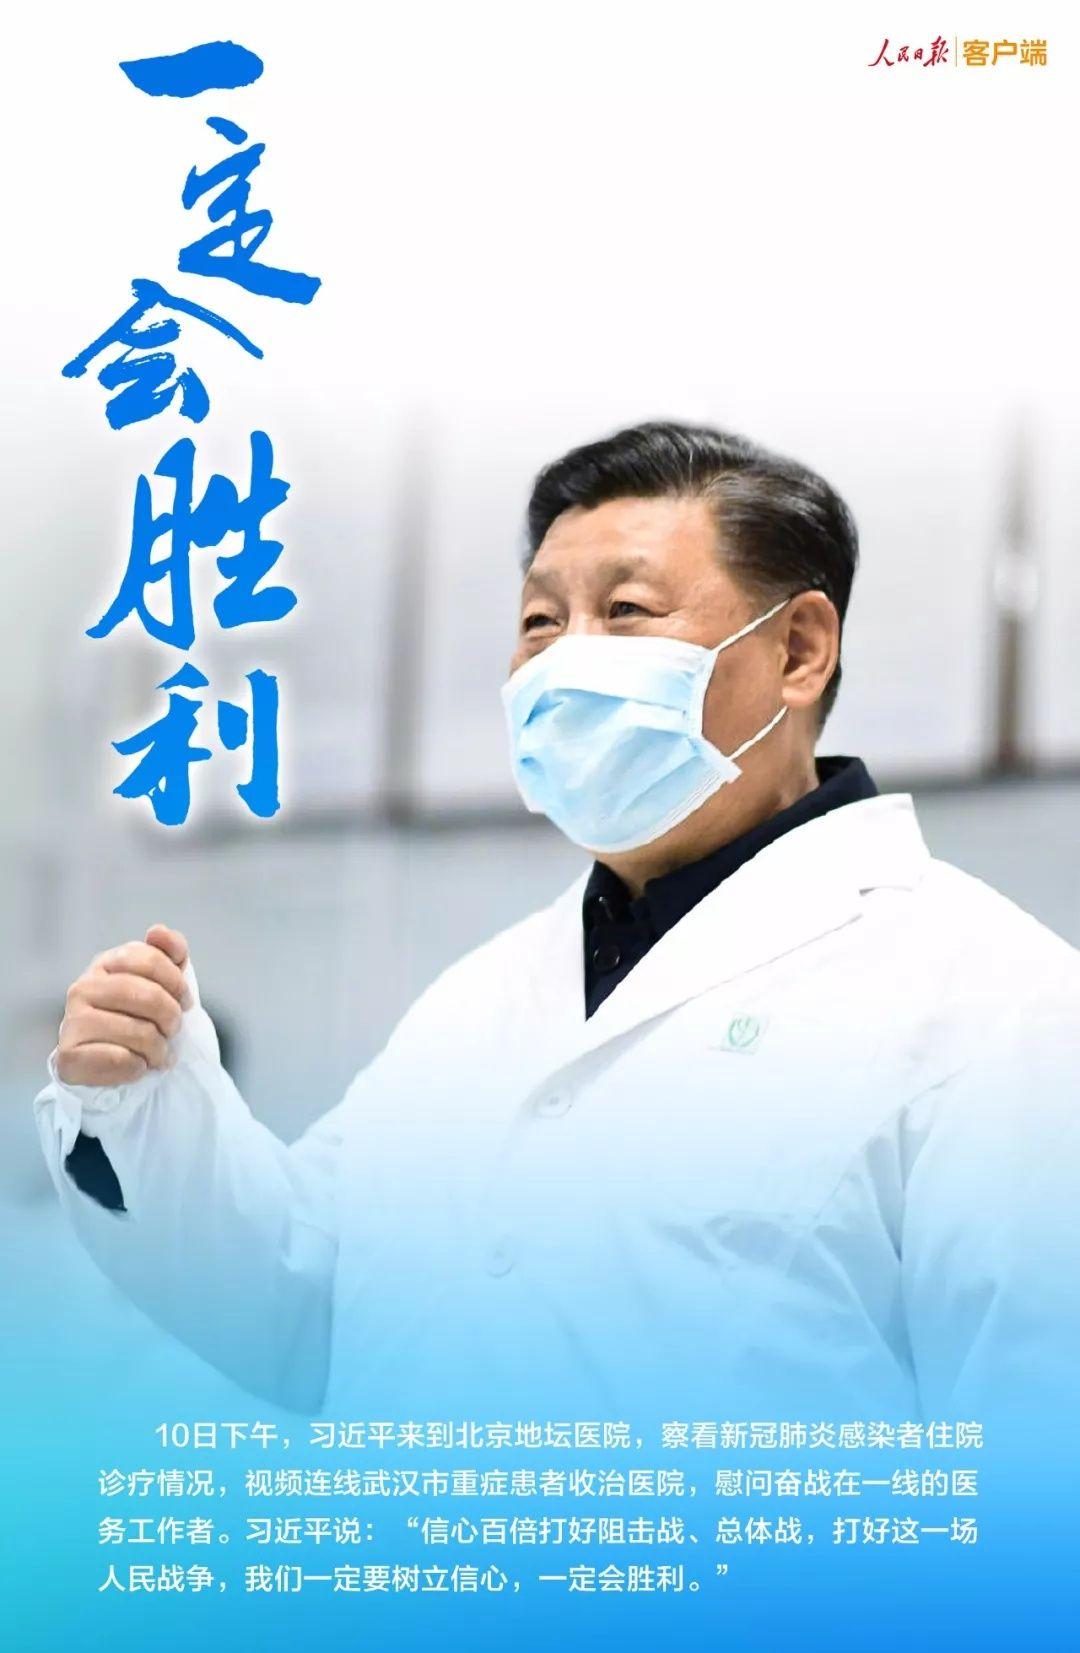 德孝中华周刊推荐热血出征